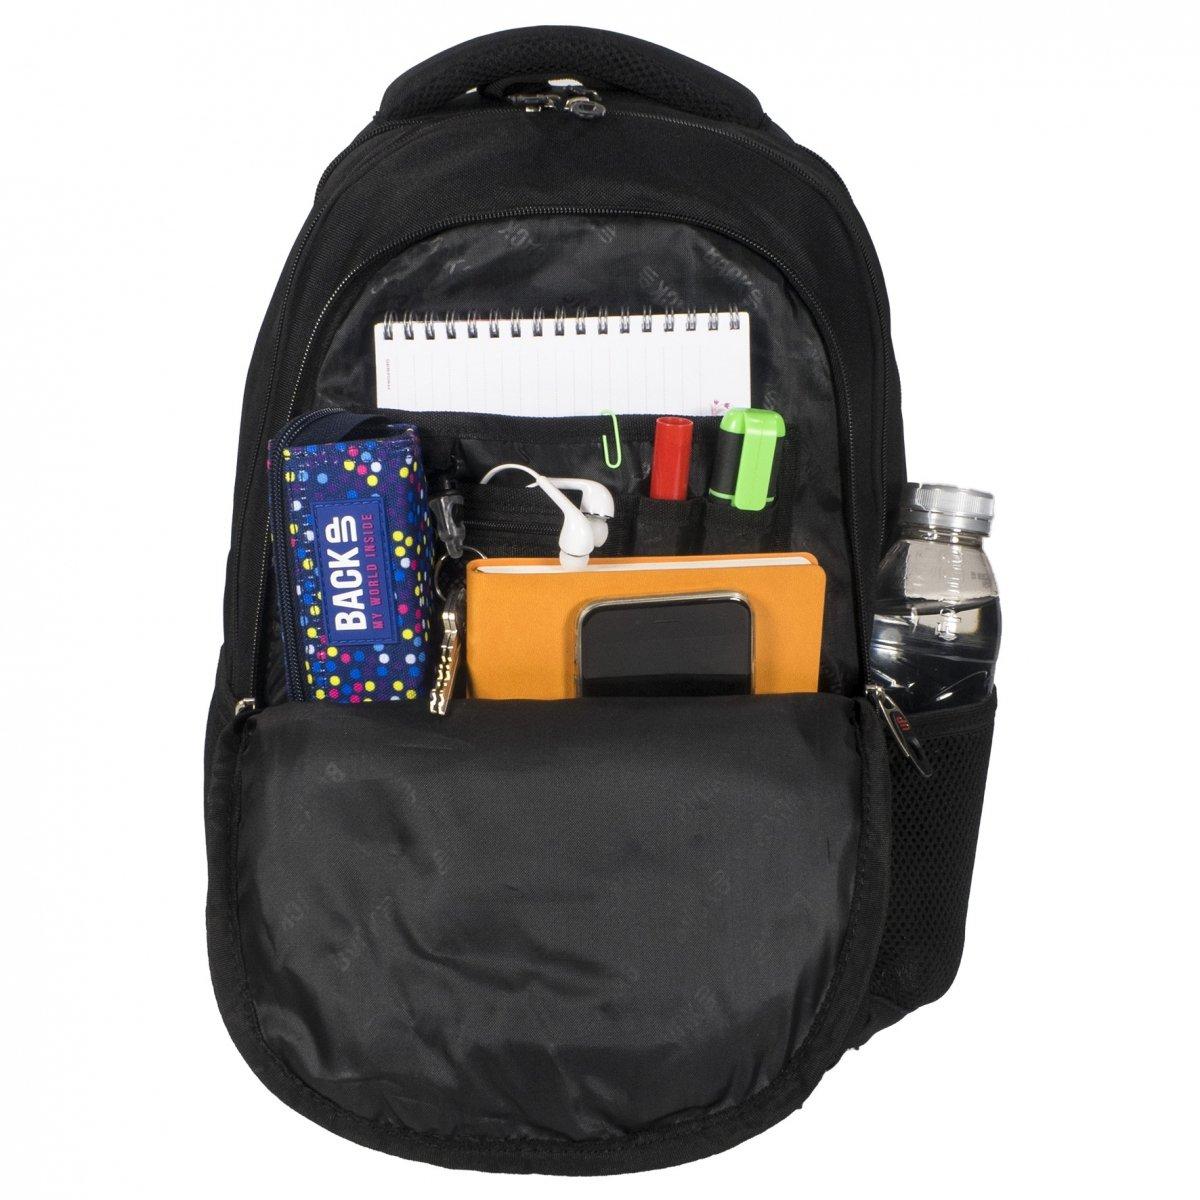 86f22a5764470 Plecak szkolny młodzieżowy Back UP czarny ELECTRO SHAPES + słuchawki  (PLB1C5)